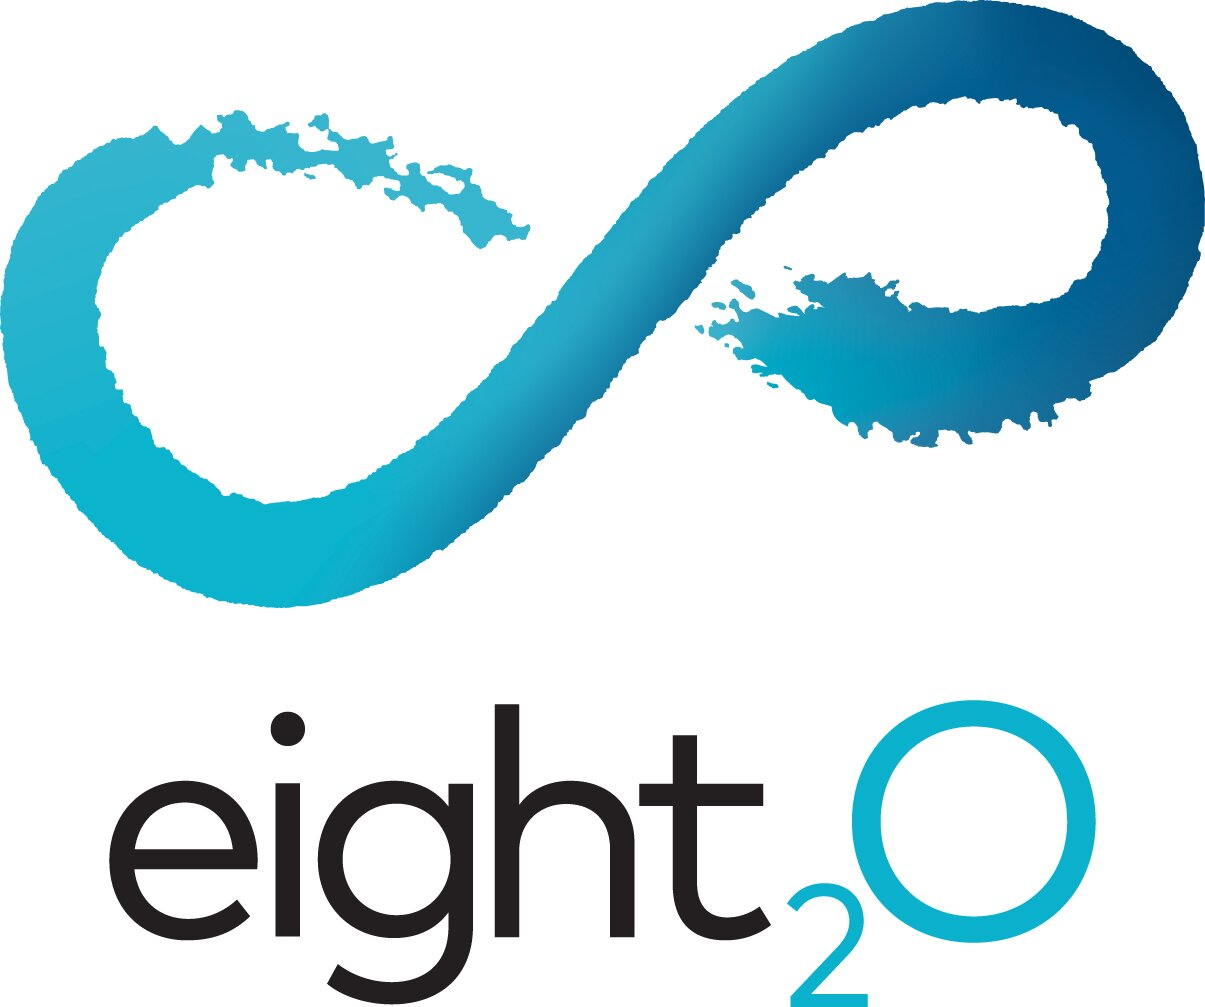 Eight2O